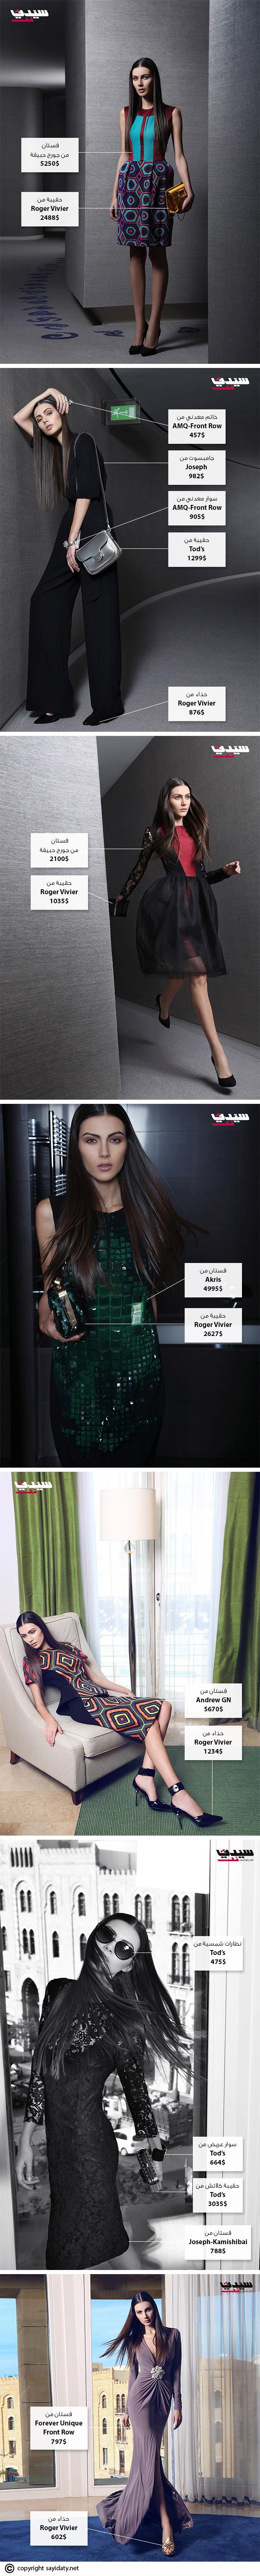 2014,2015 layout-fashion-shoot